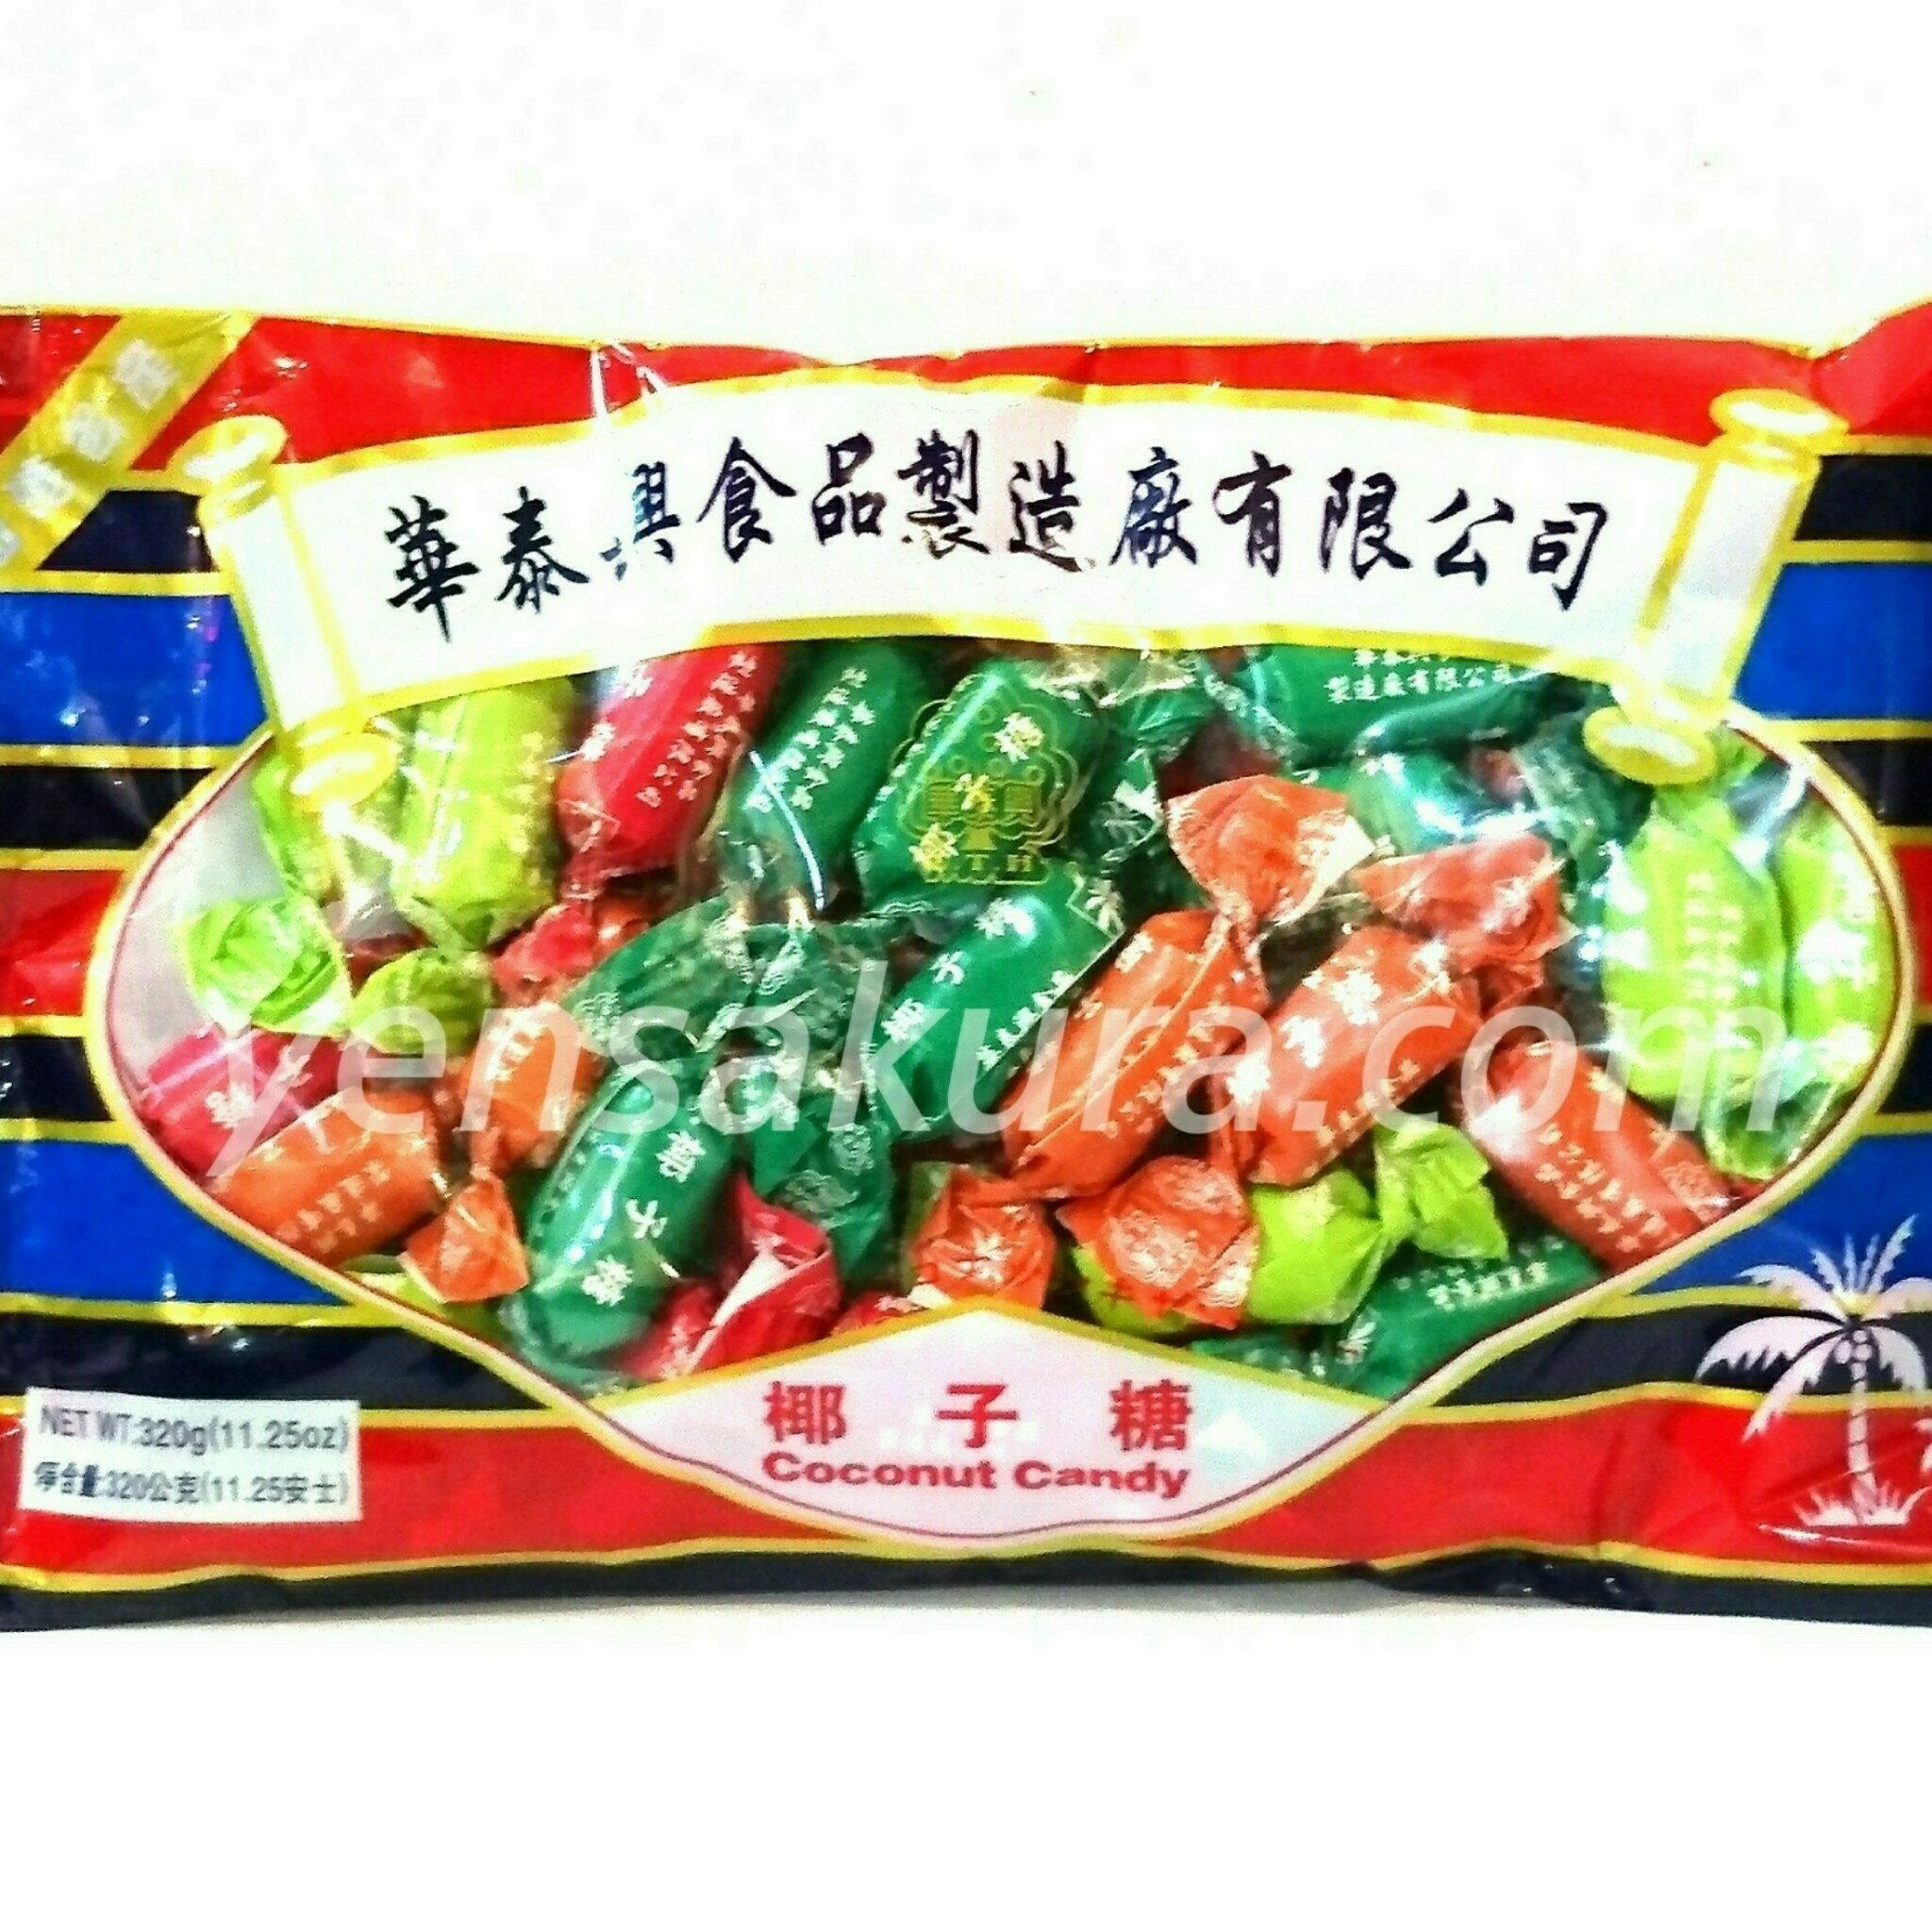 香港華泰興椰子糖果320g 香港製4892788000015[野櫻花]